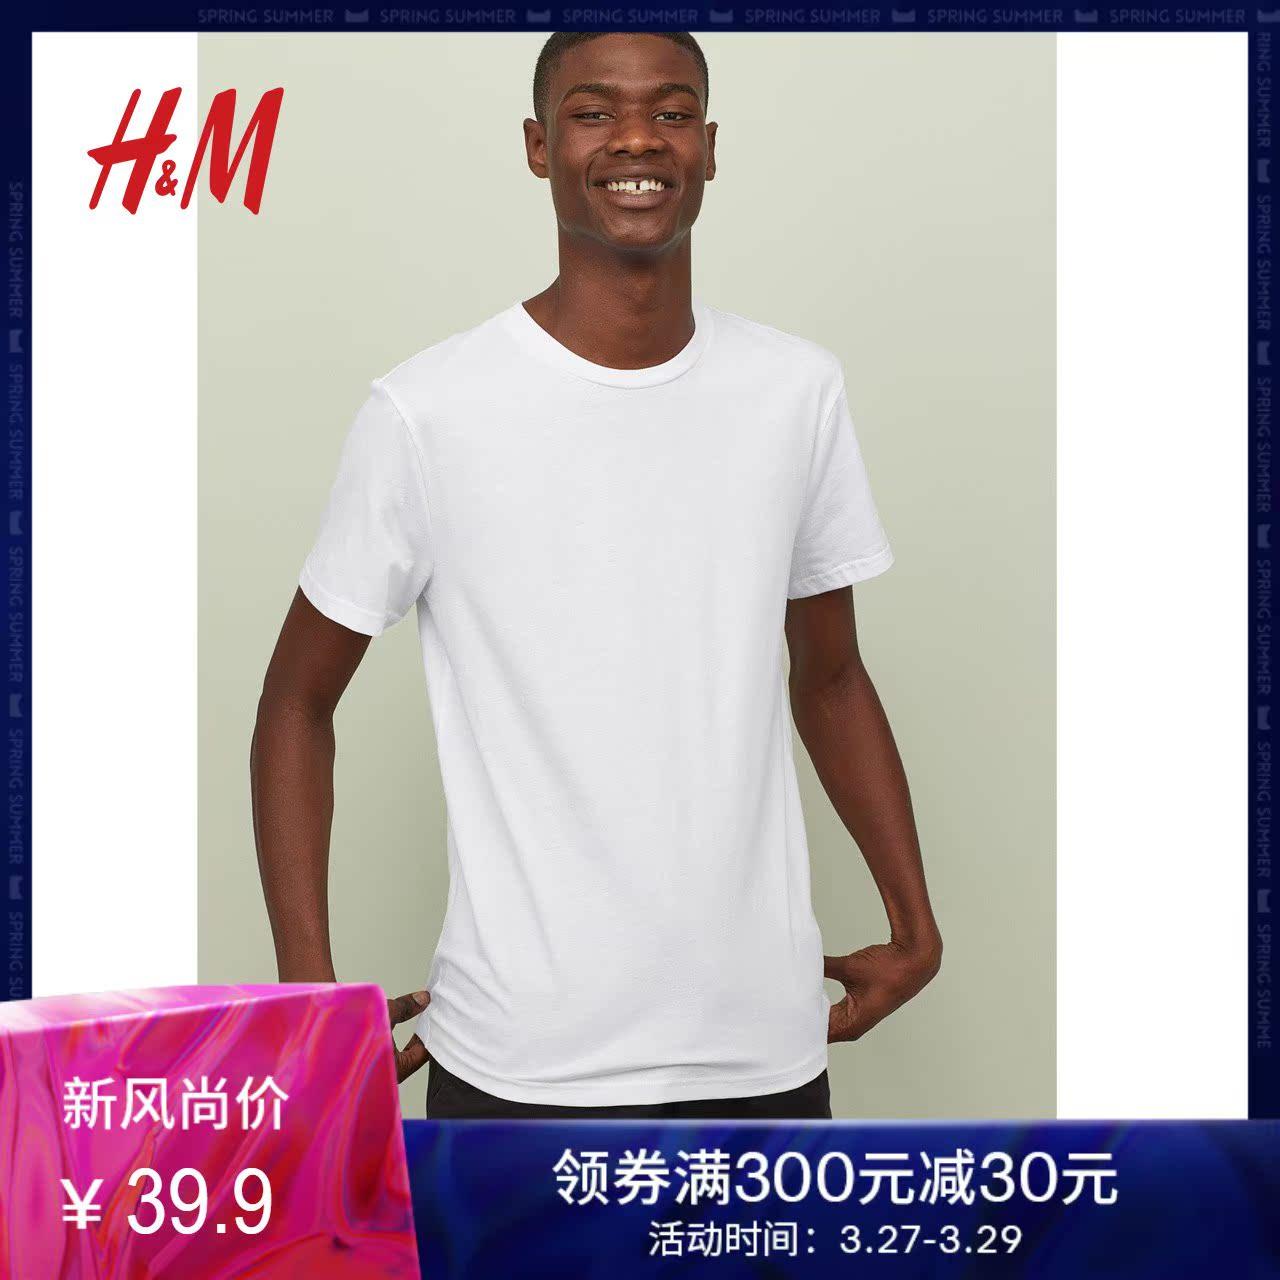 H&M DIVIDED新款男装系列t恤 2019短袖纯色打底春季HM0685816